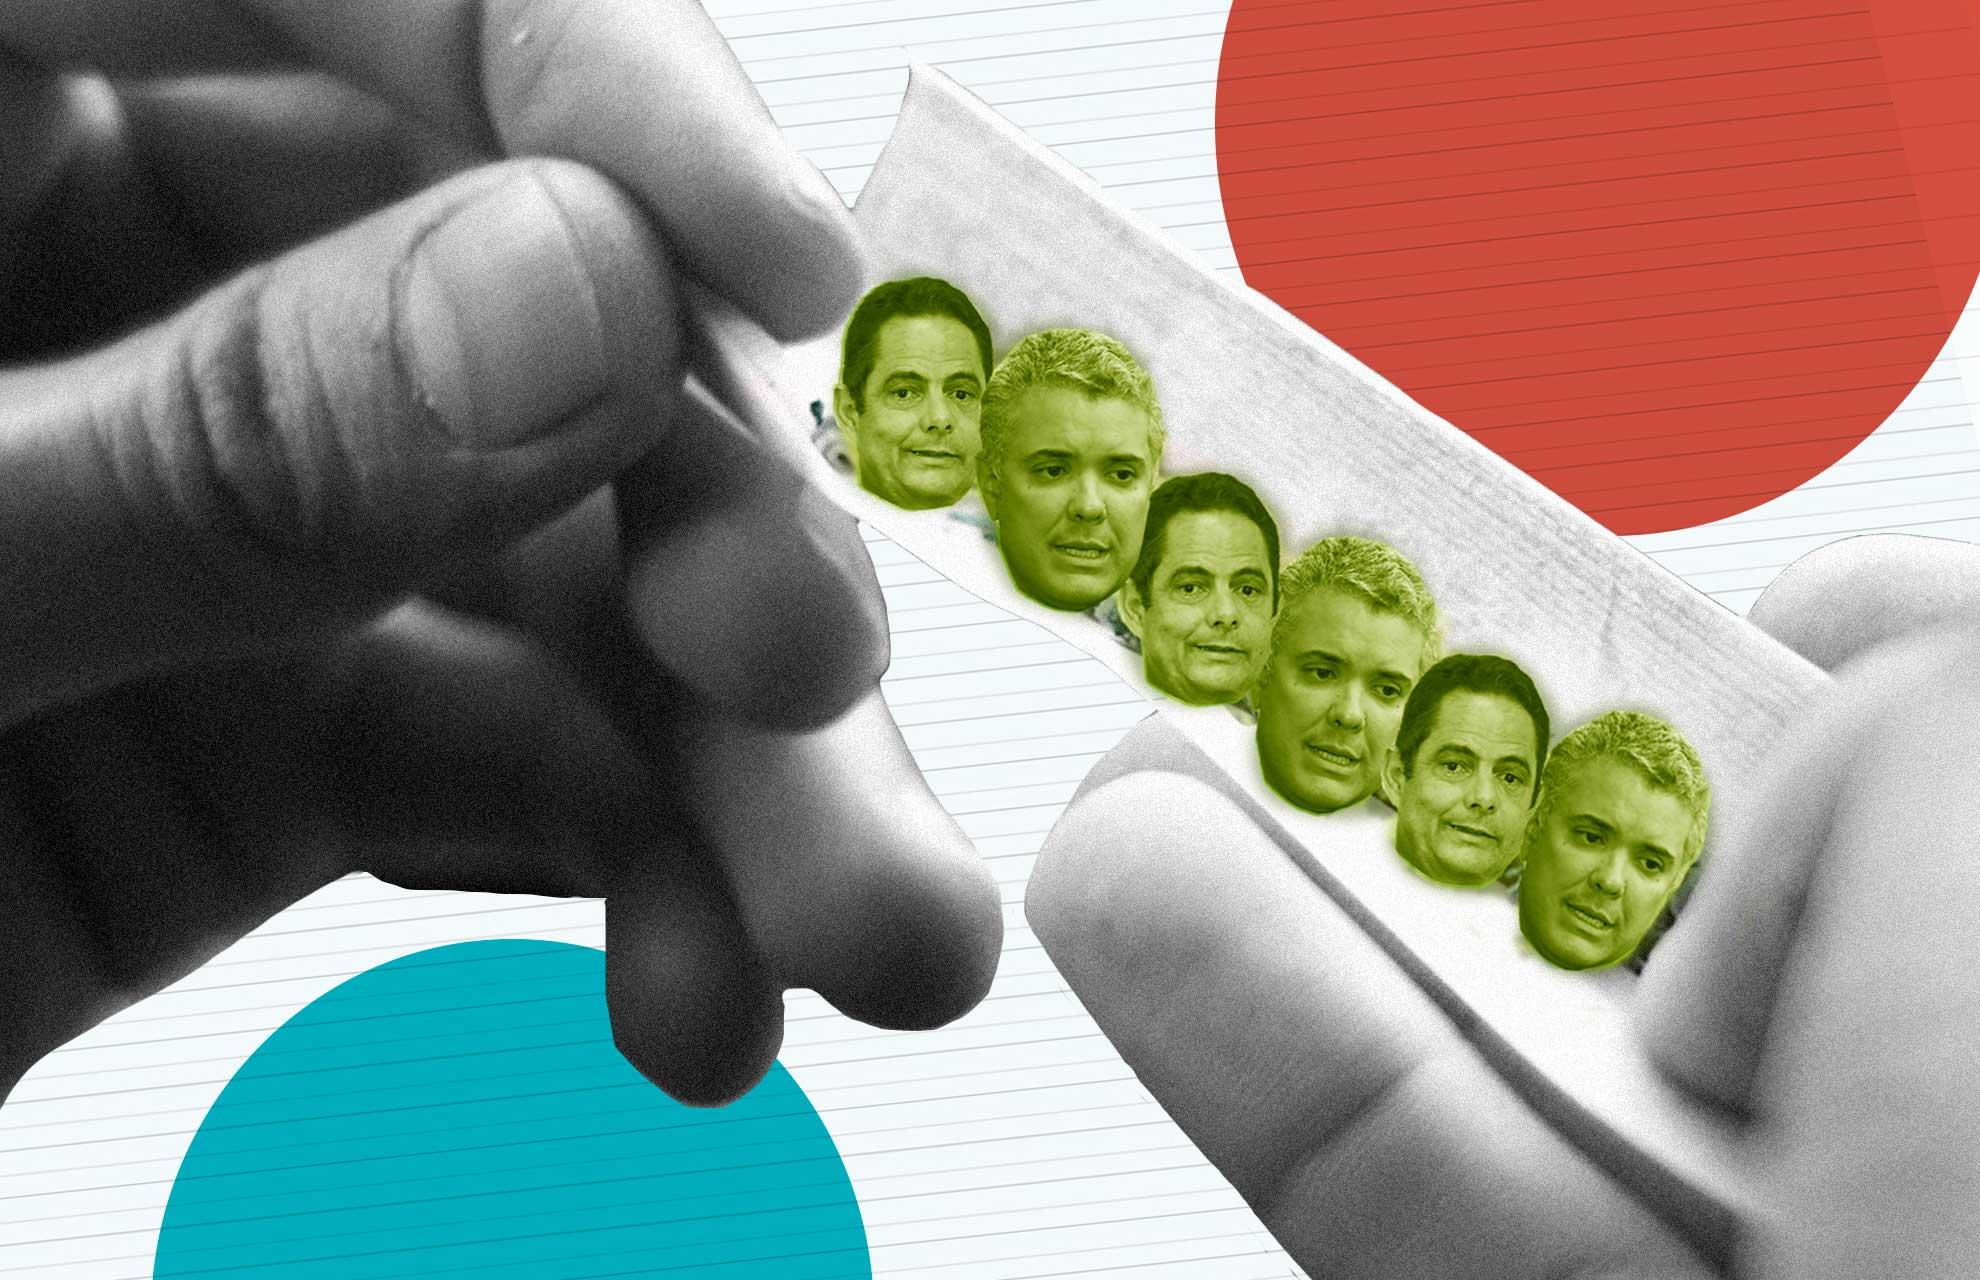 Duque y Vargas Lleras se rajan en el tema de drogas